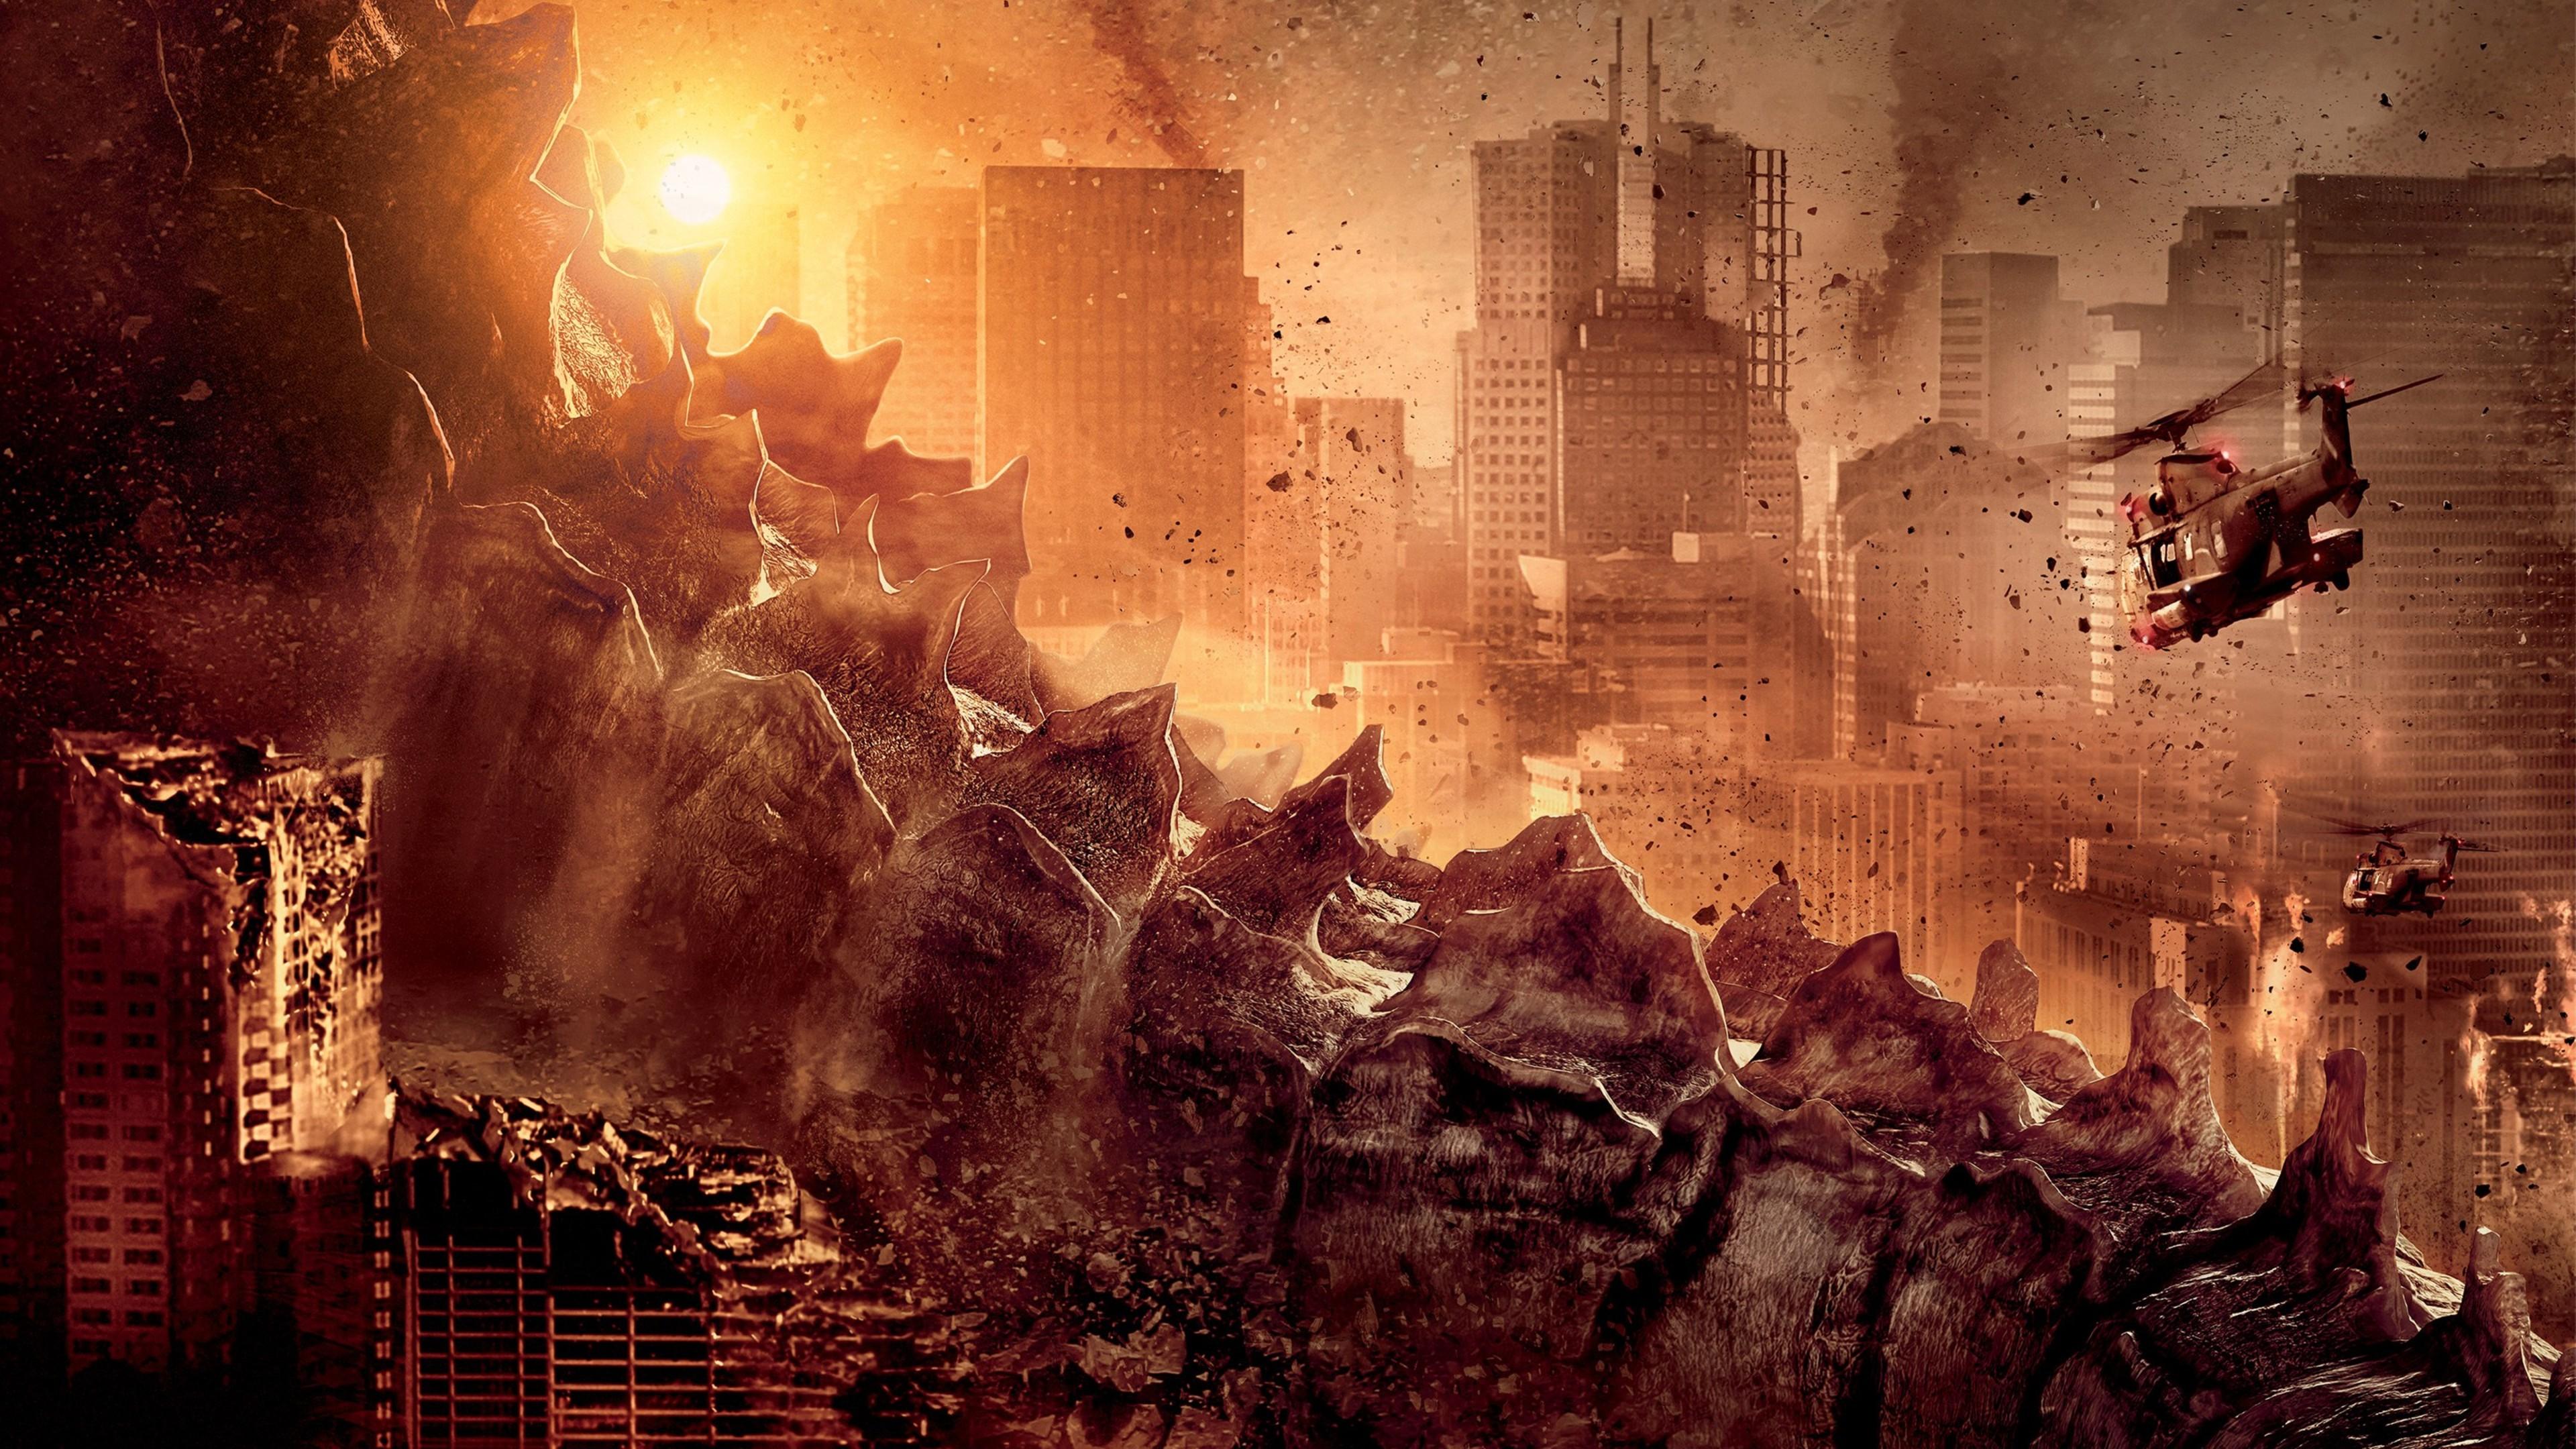 Godzilla 2014 Wallpaper by Jones6192 on DeviantArt